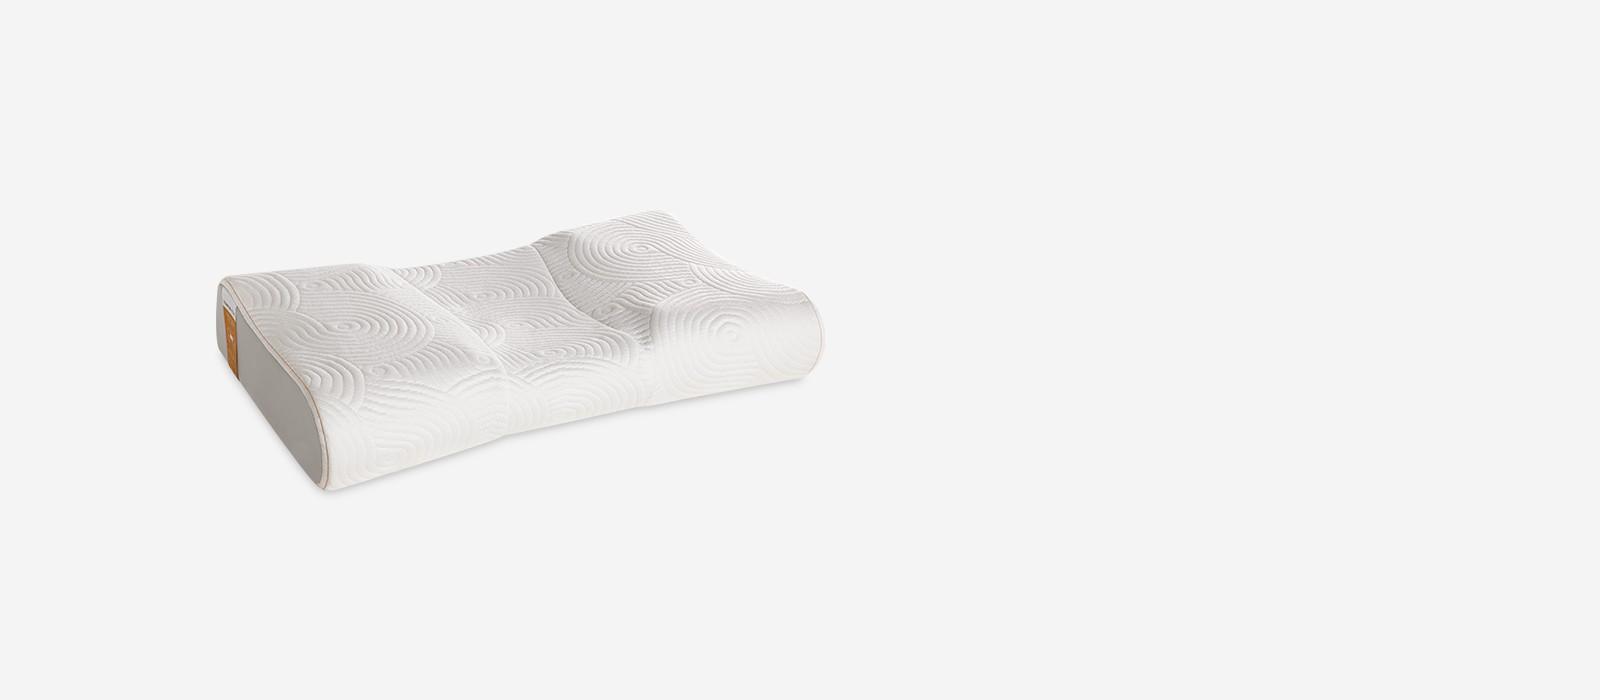 sidetoback pillow tempurpedic